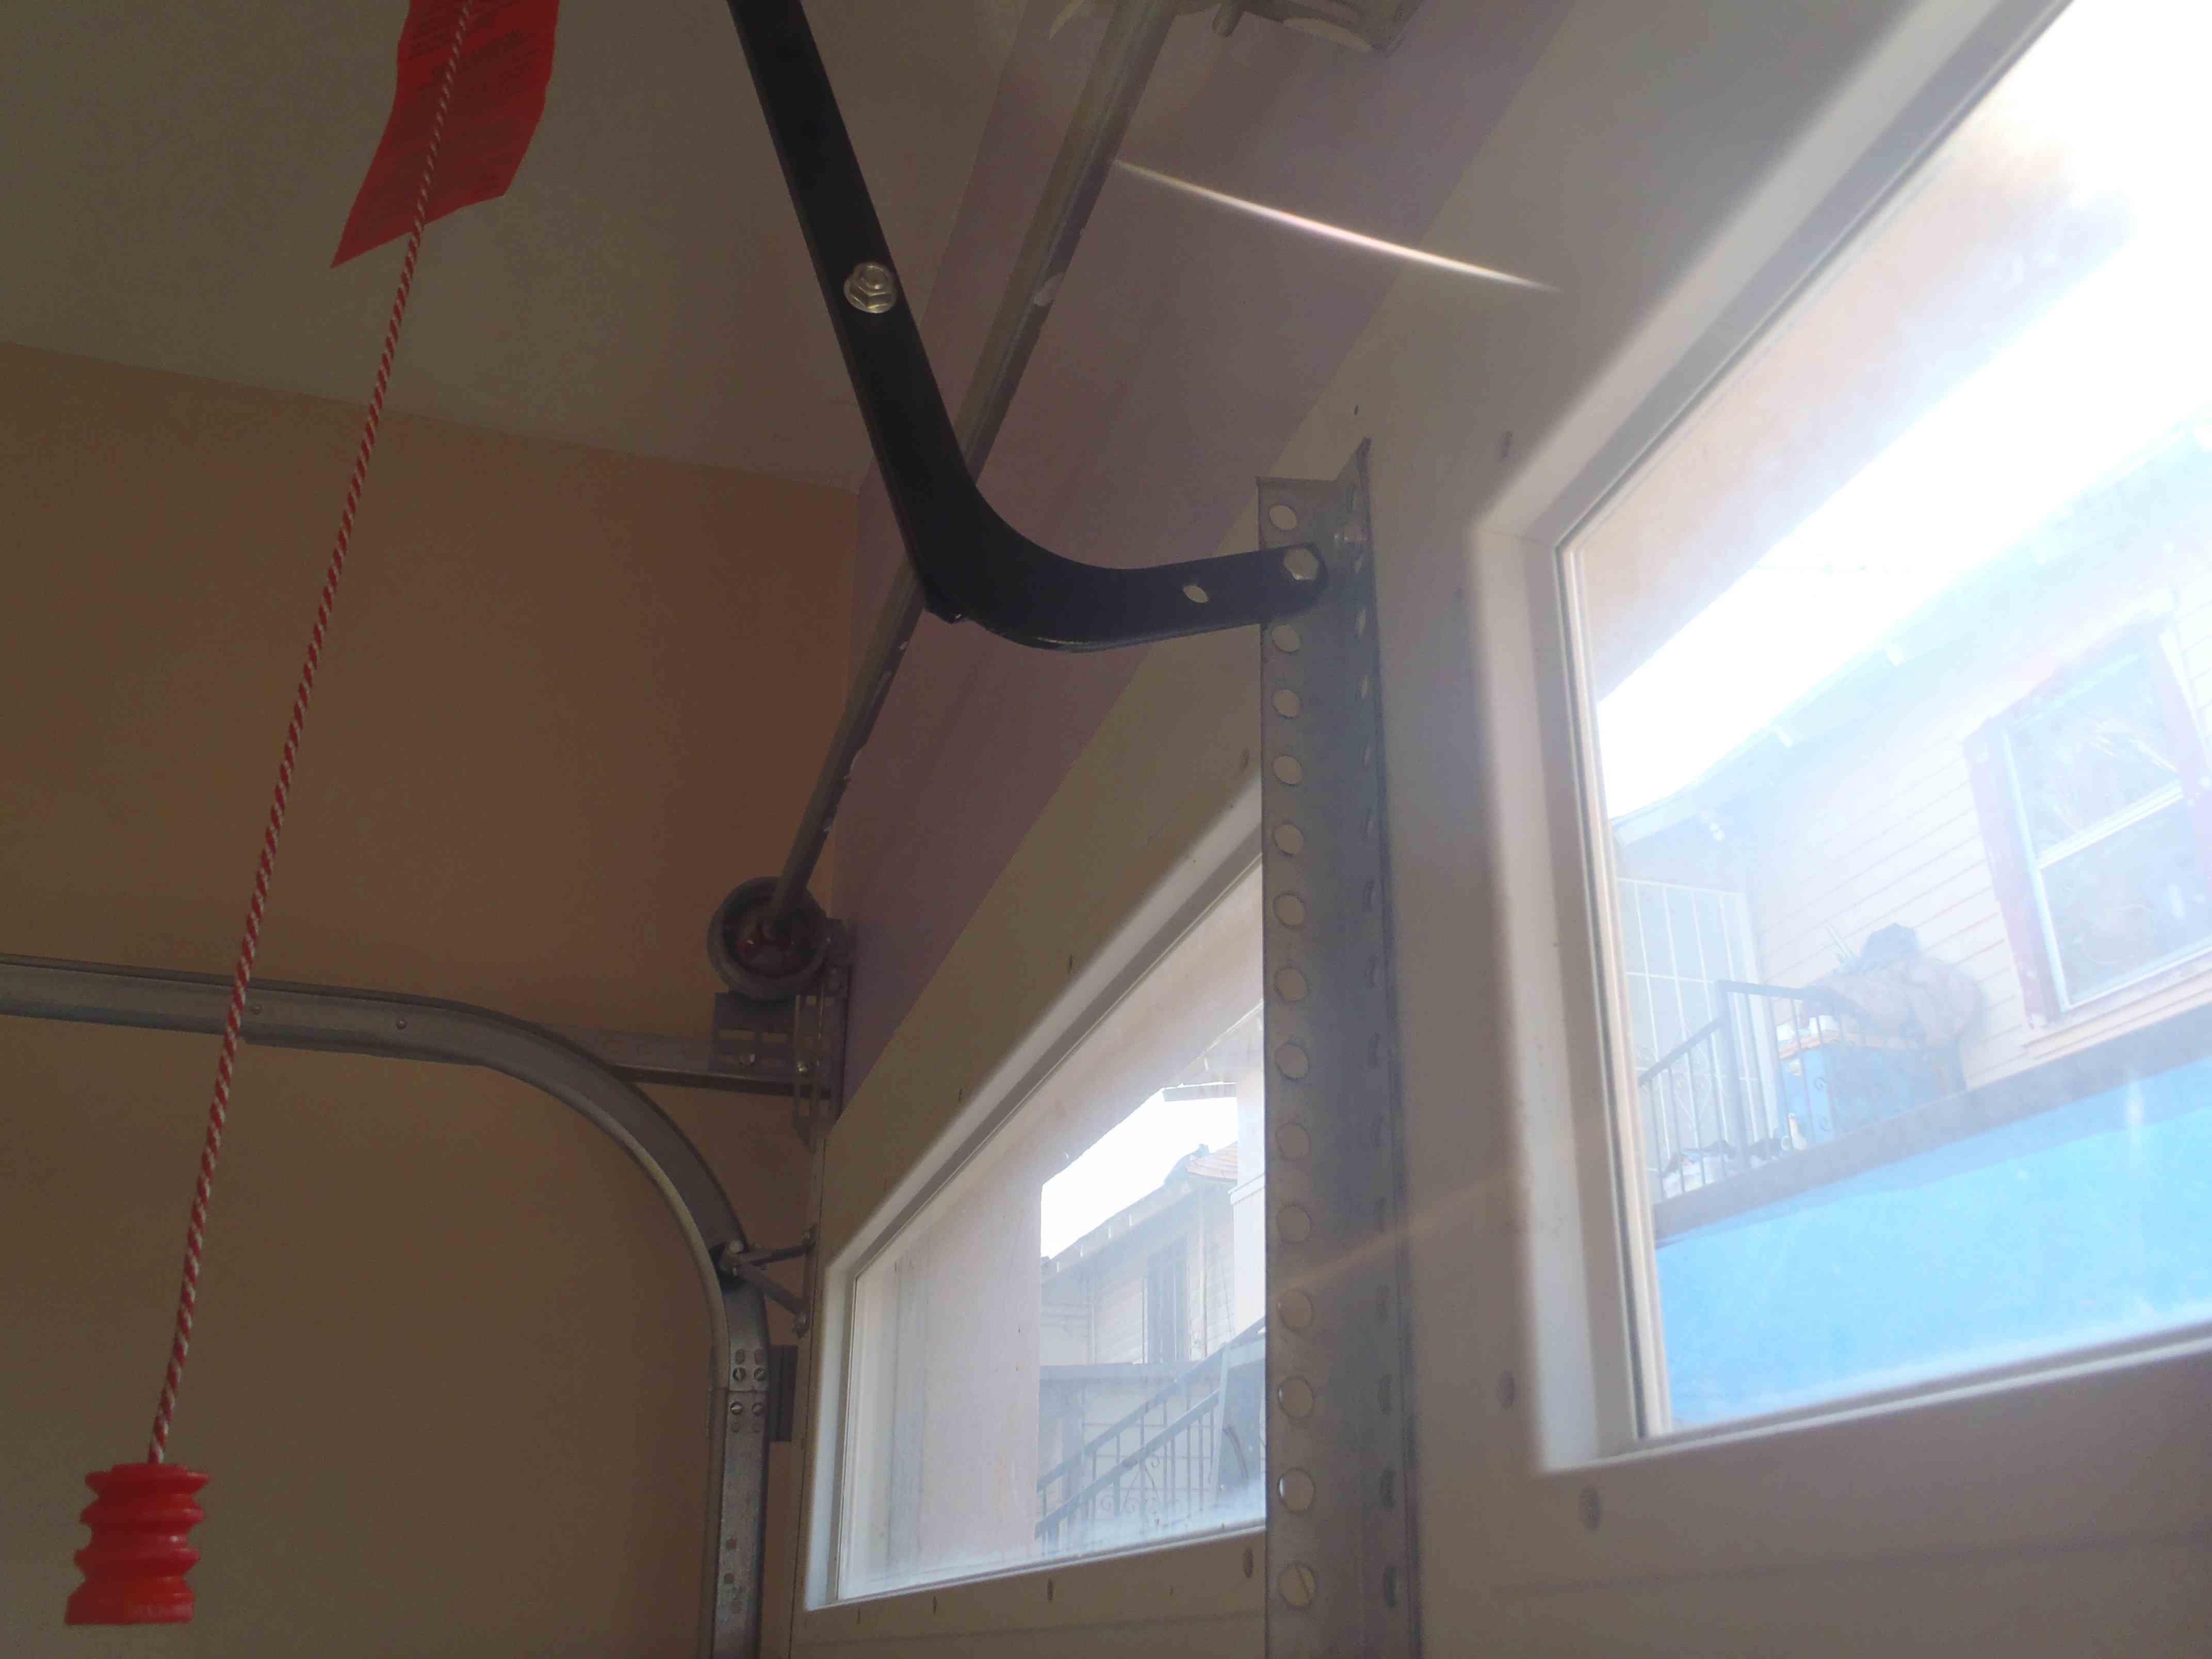 Sound Proofing A Garage Door Gearslutz Pro Audio Community